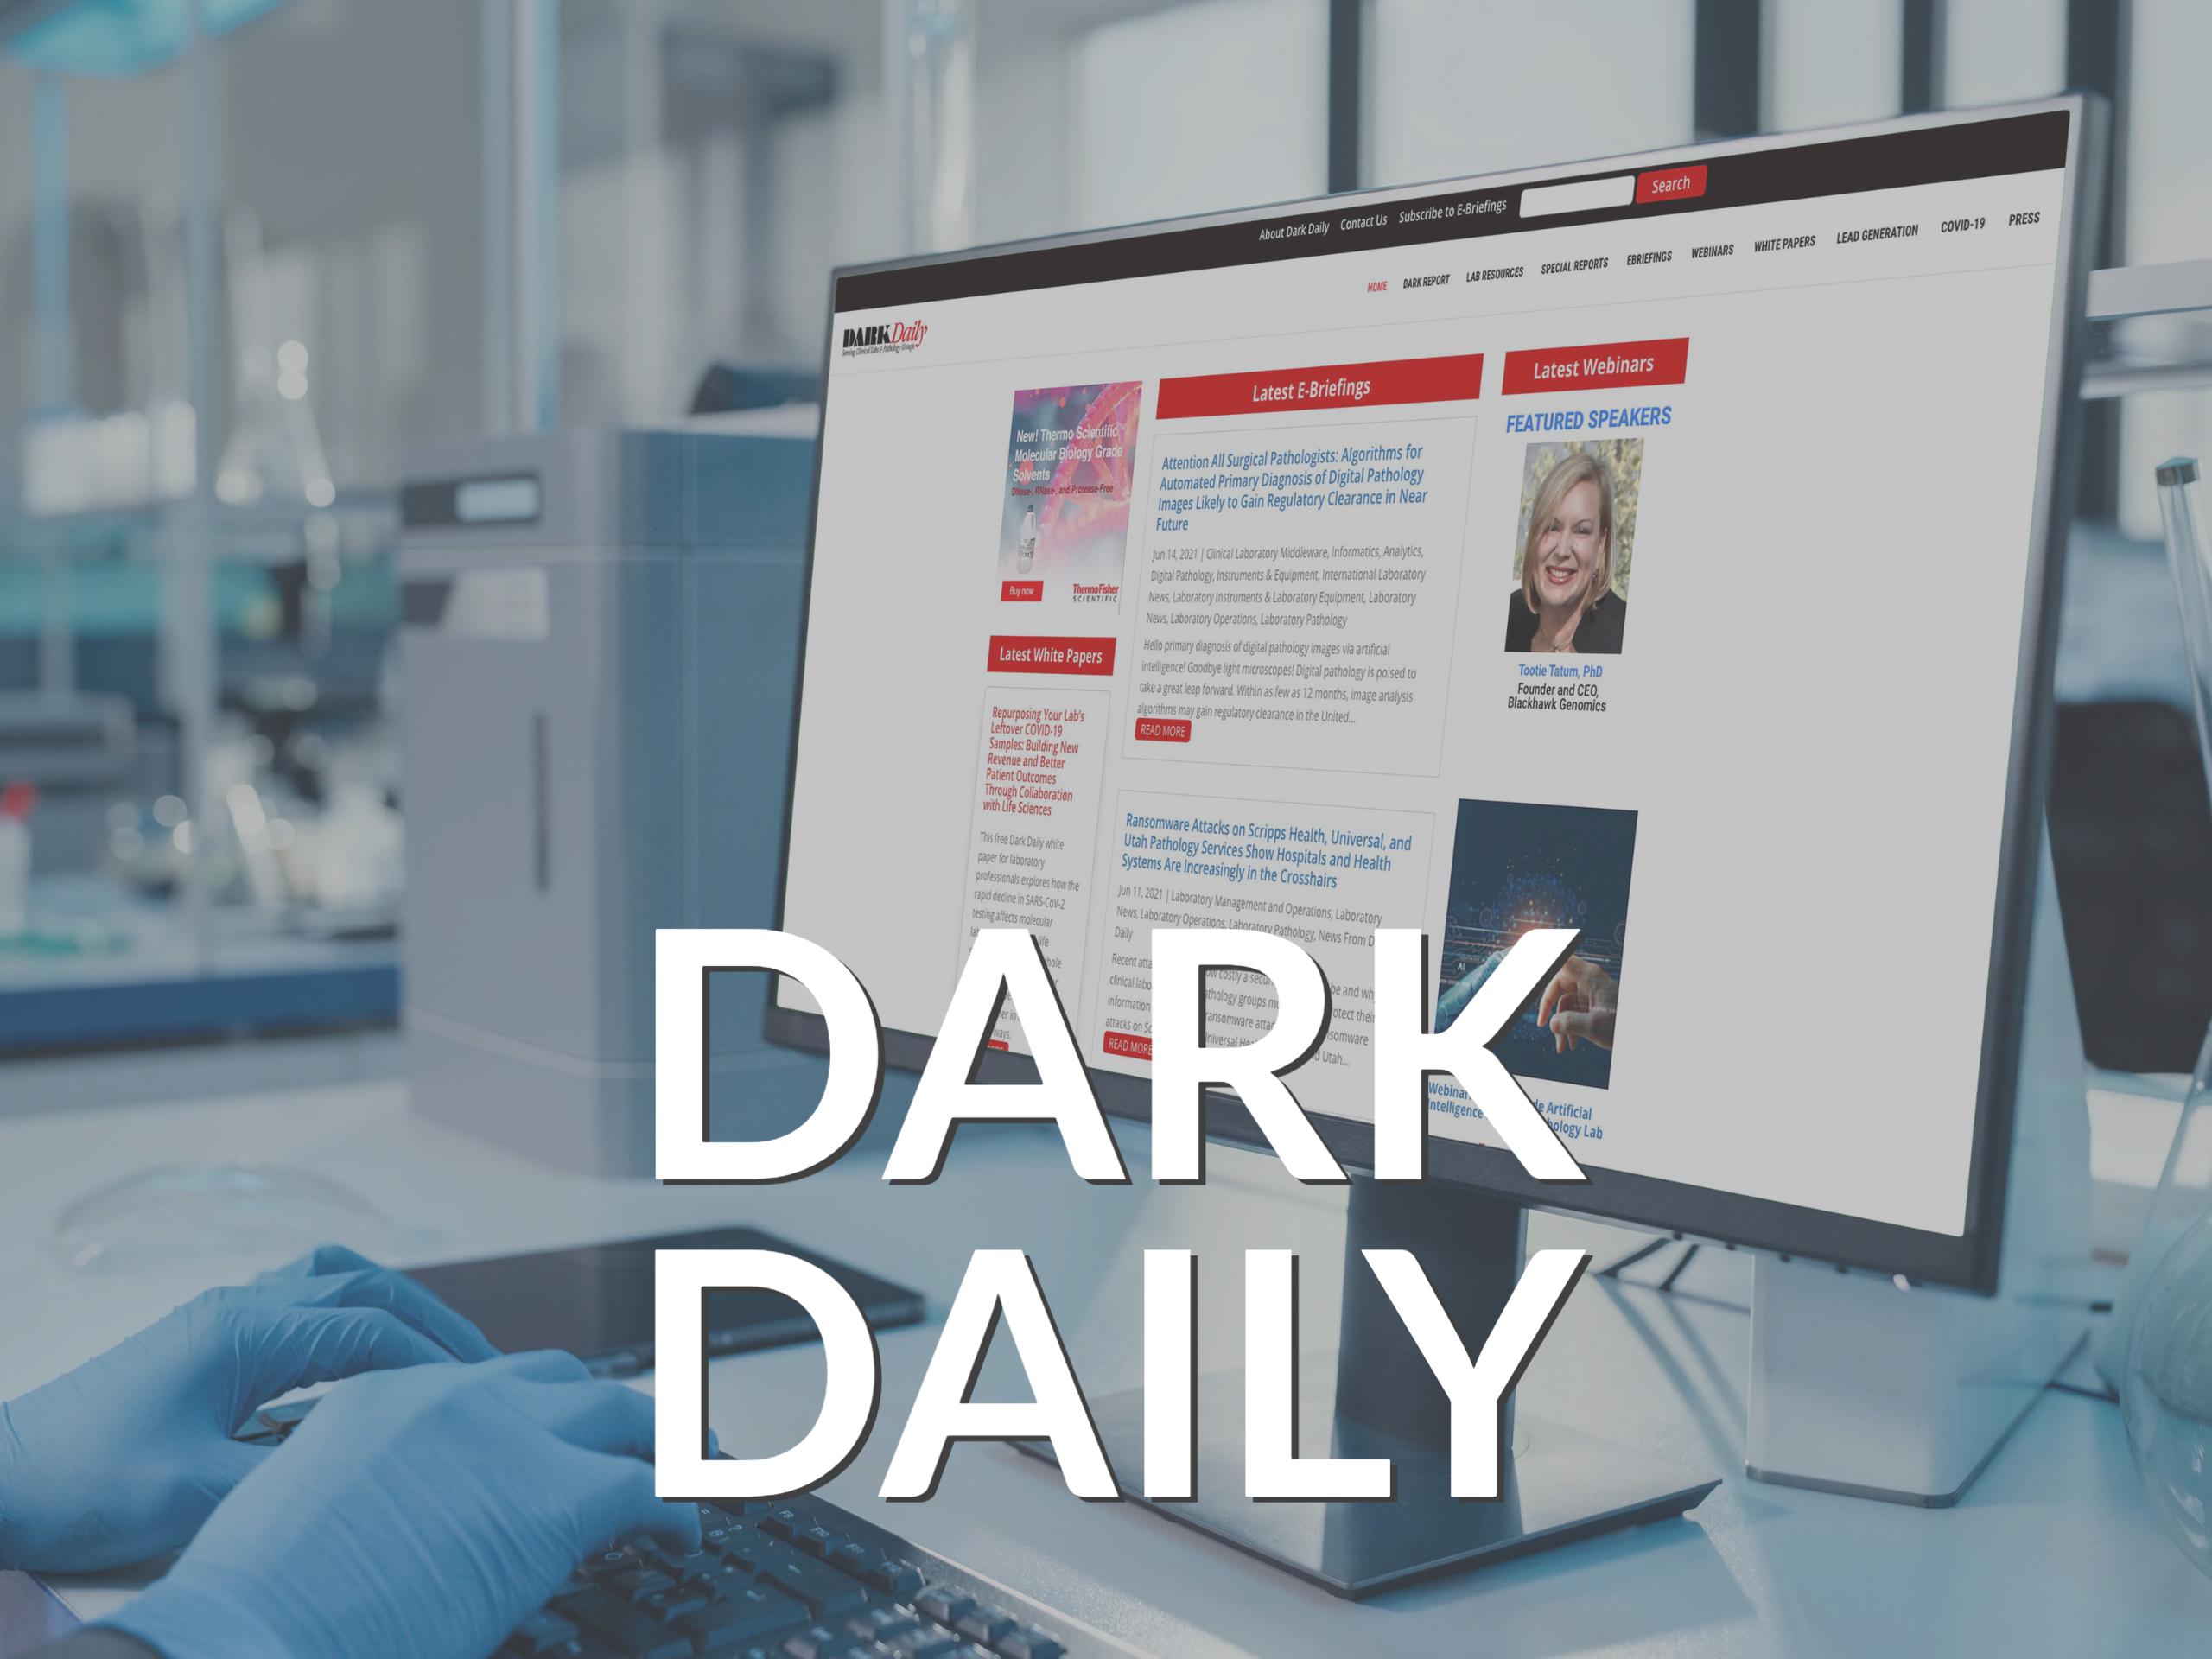 Dark Daily